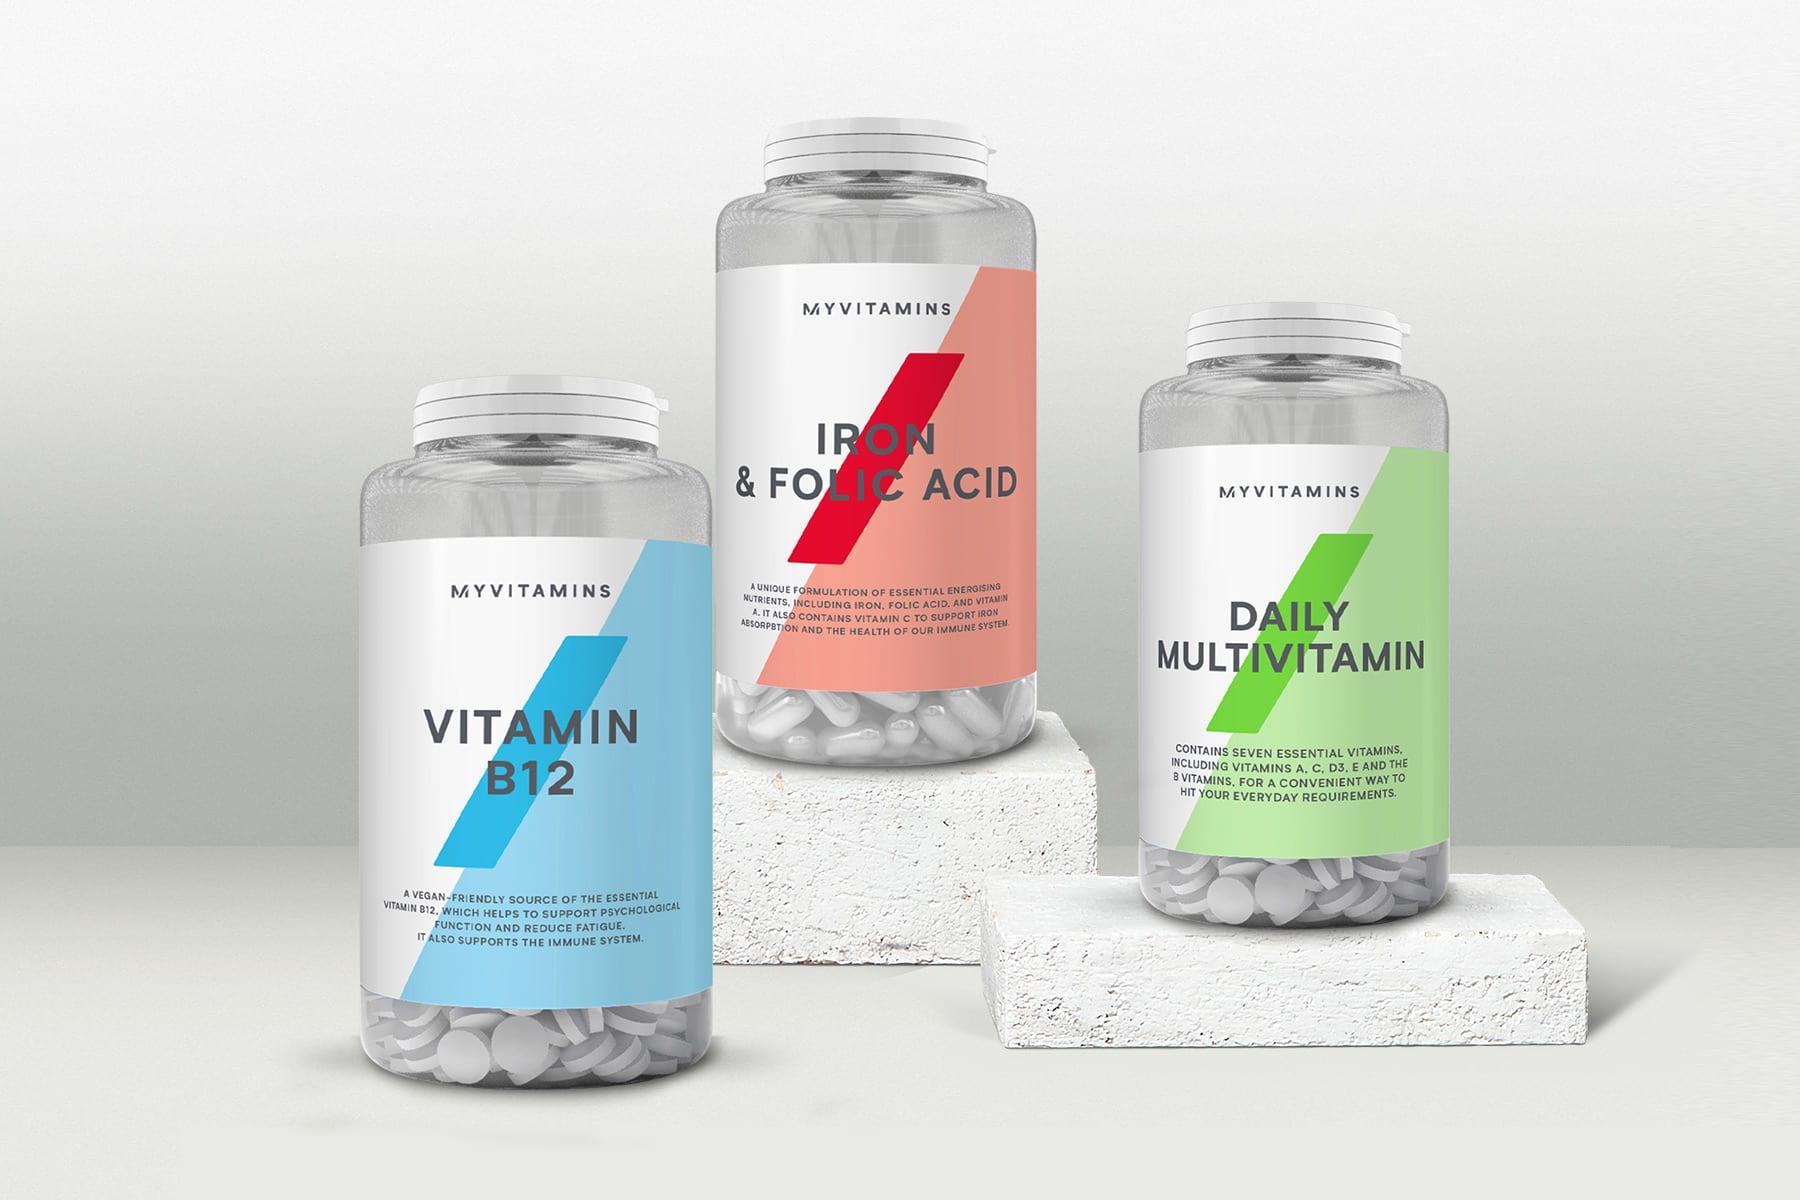 Witaminy i suplementy | Popraw swoją odporność z Myvitamins